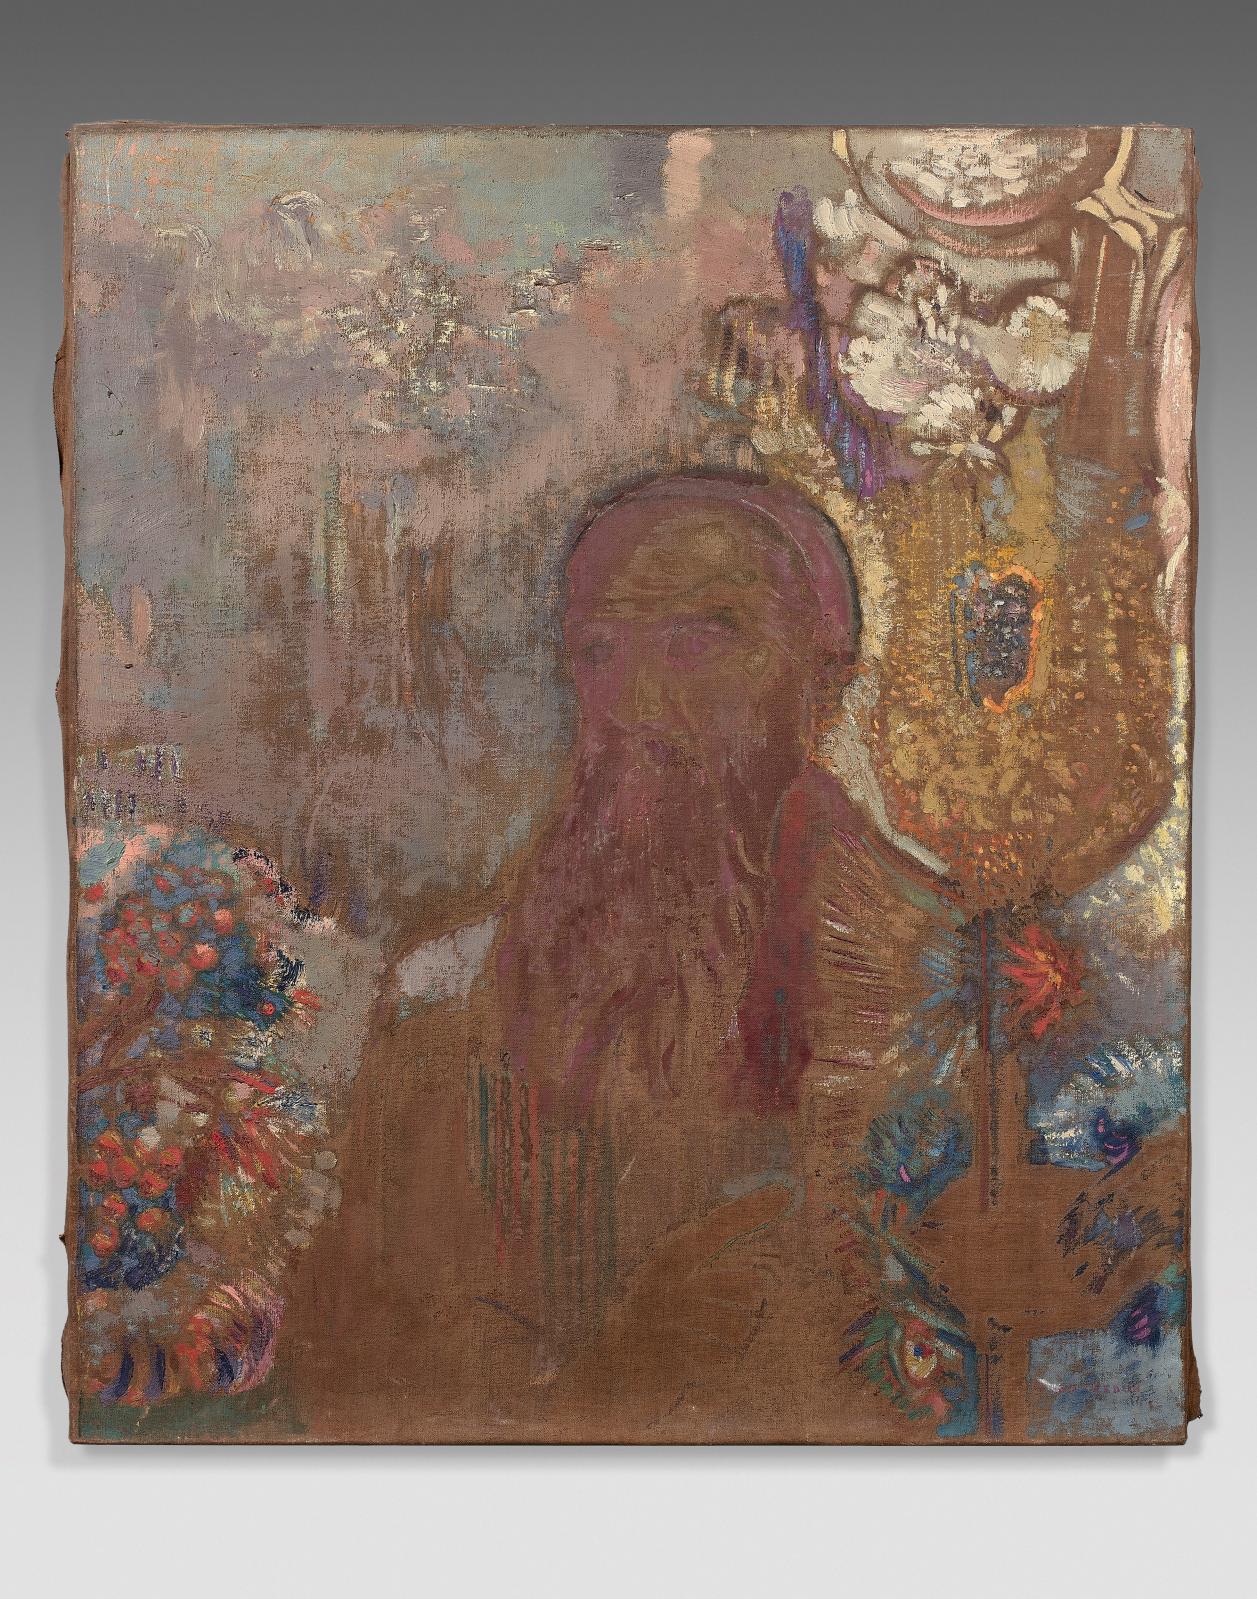 Odilon Redon, Le Prophète, huile sur toile, 54x46cm. Estimation: 40000/60000€